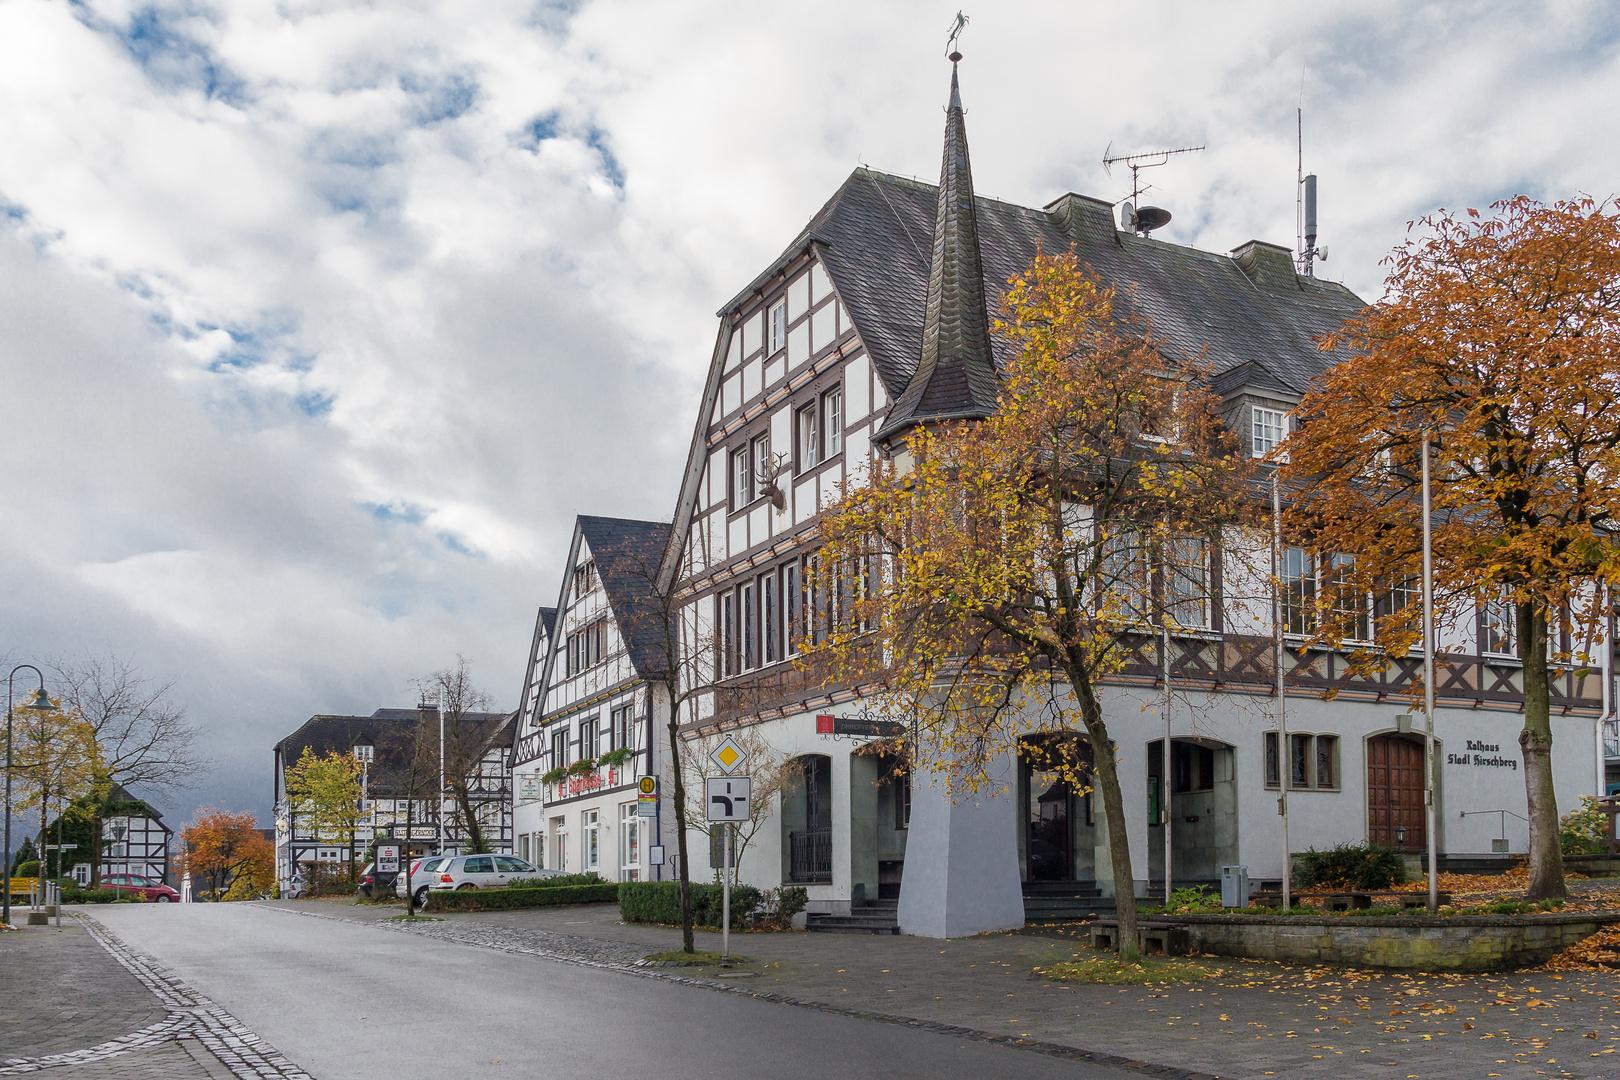 Hirschberg im Sauerland am 26.10.2013